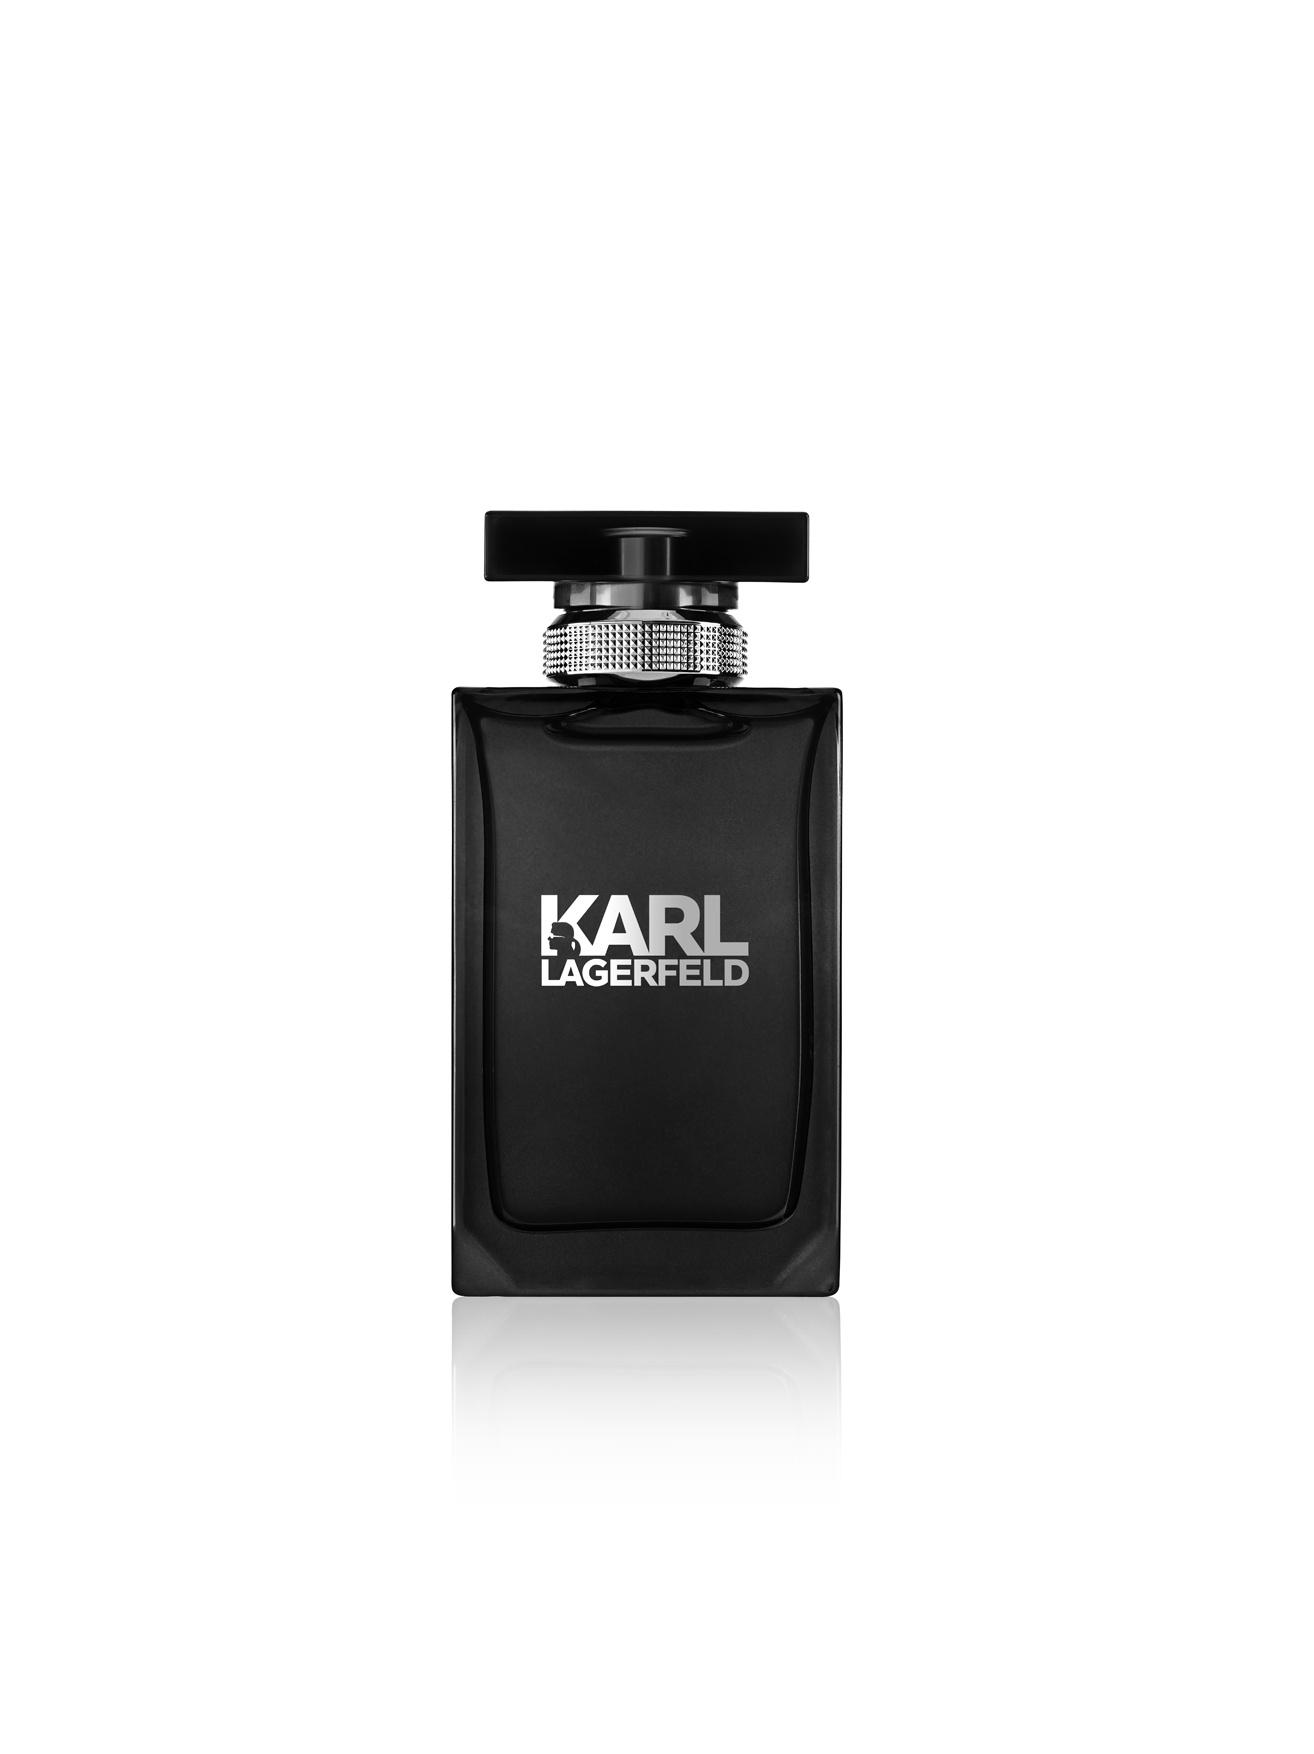 Karl Lagerfeld Men EDT, 100 ml